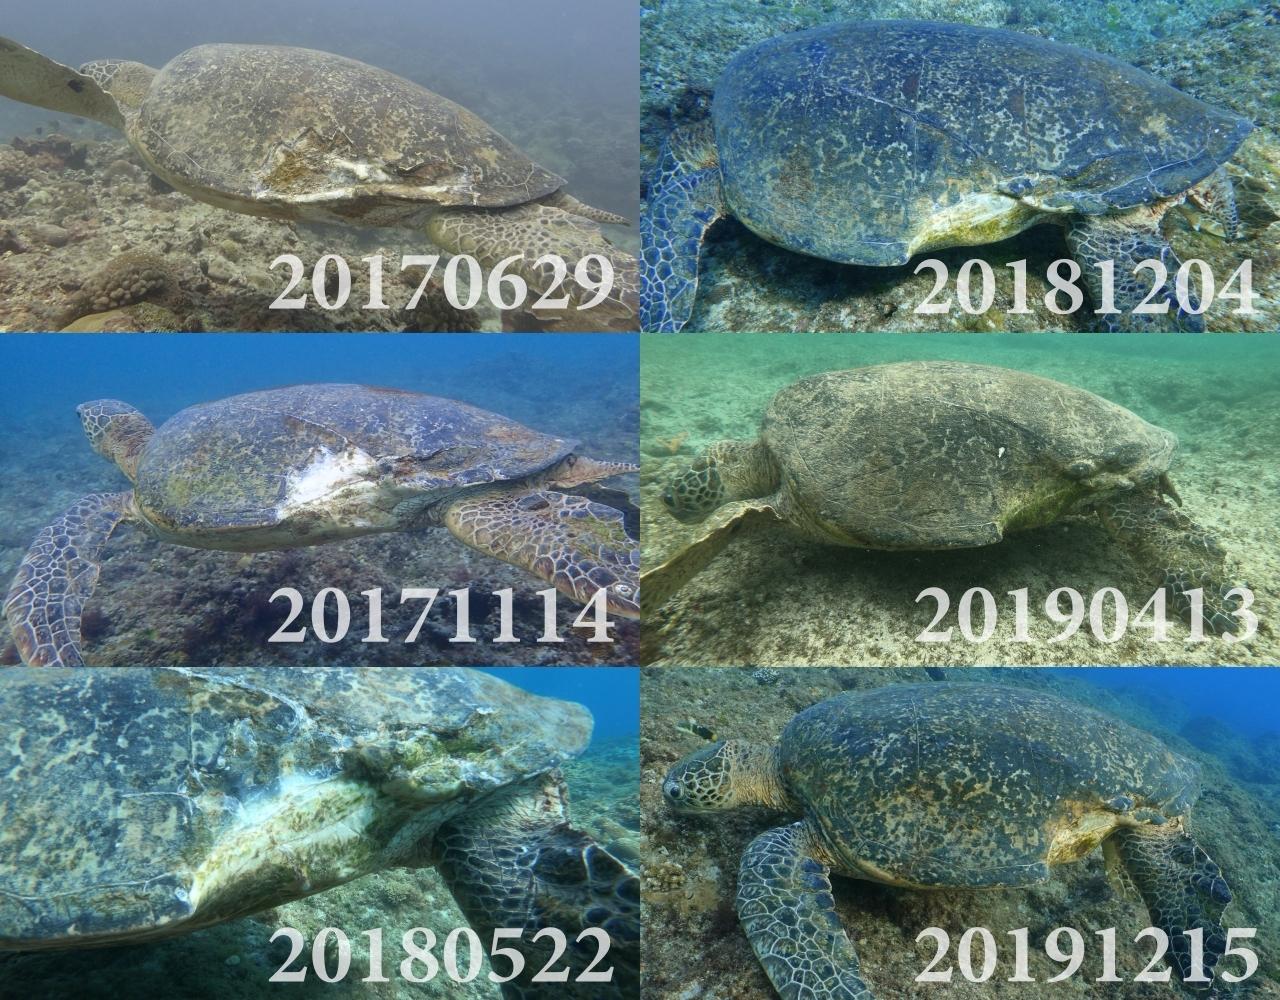 「海龜點點名」裡的通報紀錄。照片提供:蘇淮